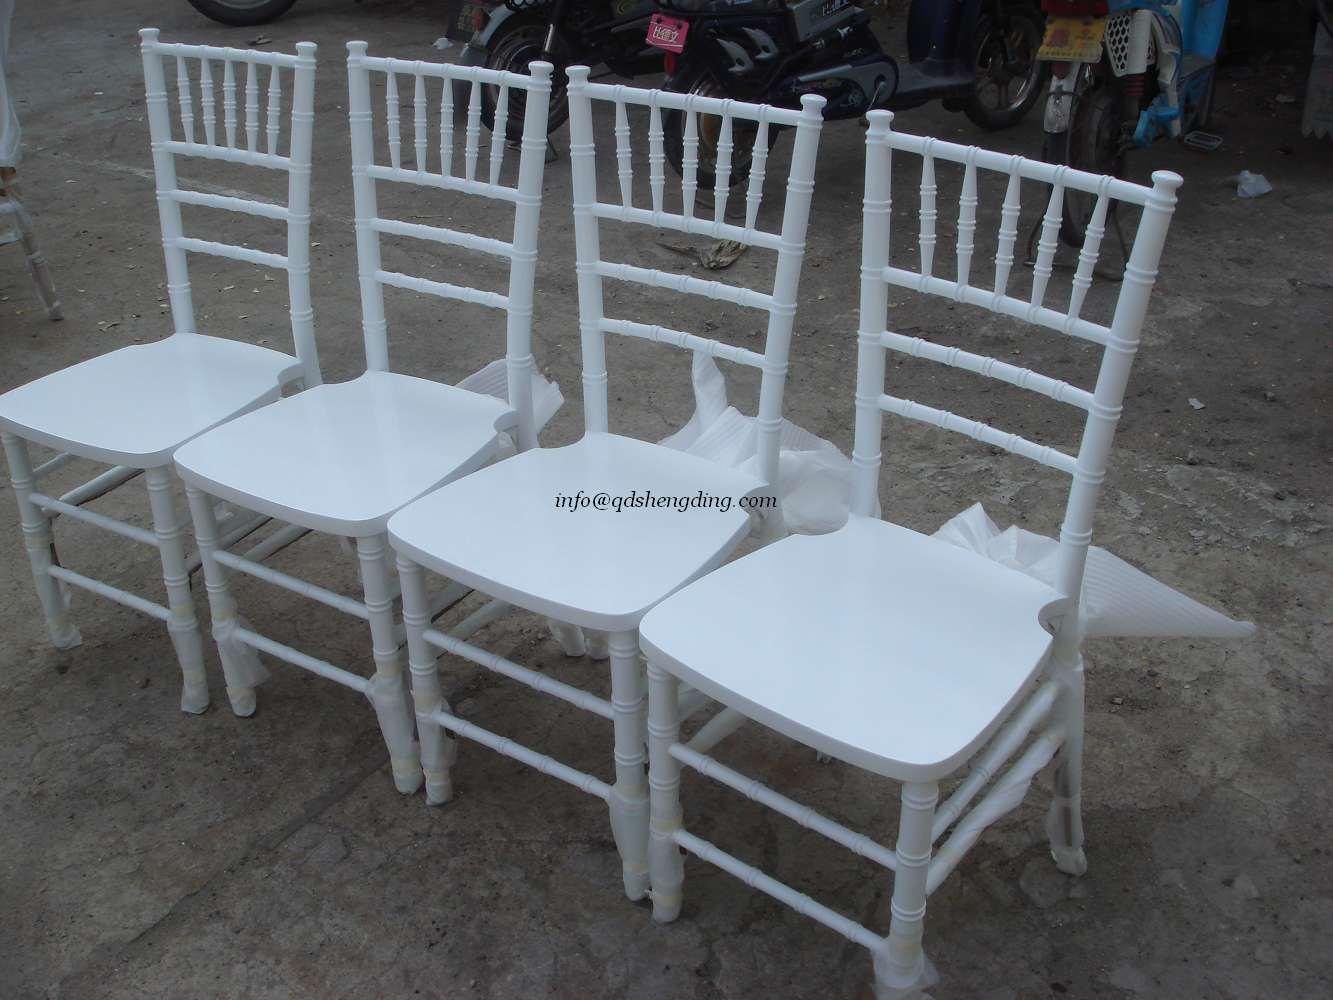 Sedie bianche di chiavari cc001 sedie bianche di for Sedie di legno bianche